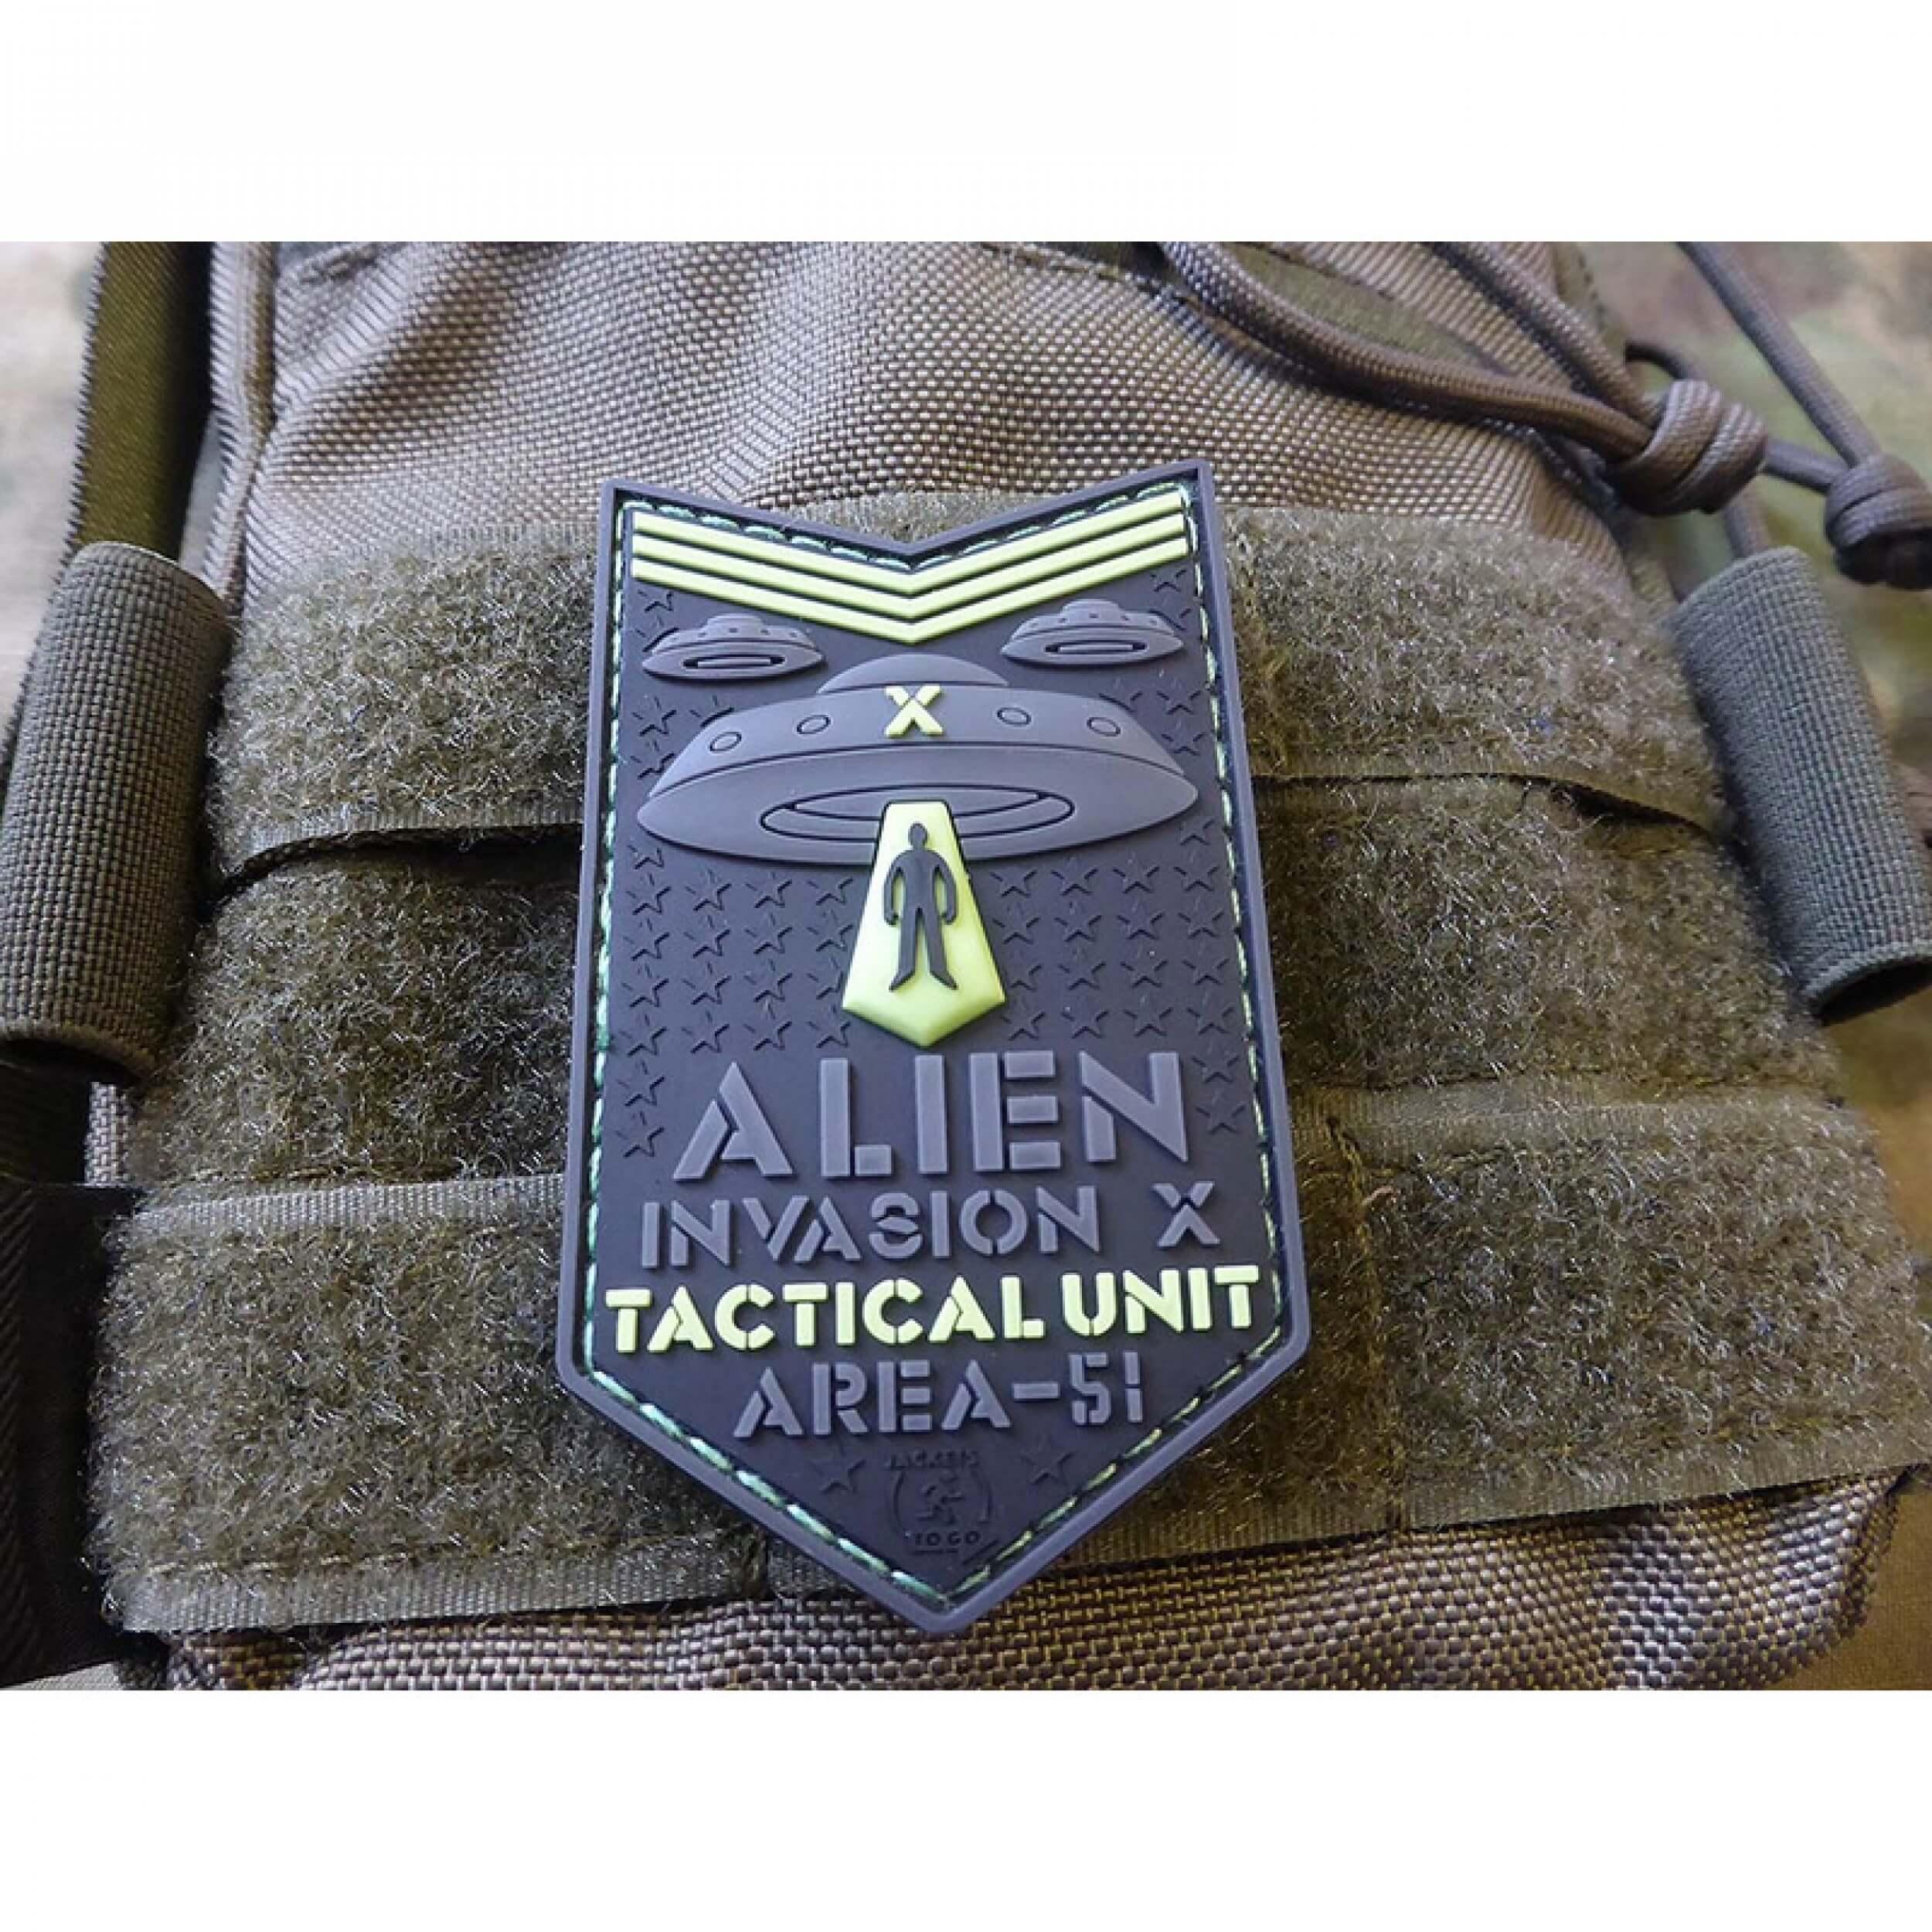 JTG ALIEN INVASION X-Files, Tactical Unit Patch, AREA-51, naval-gid / JTG 3D Rubber Patch